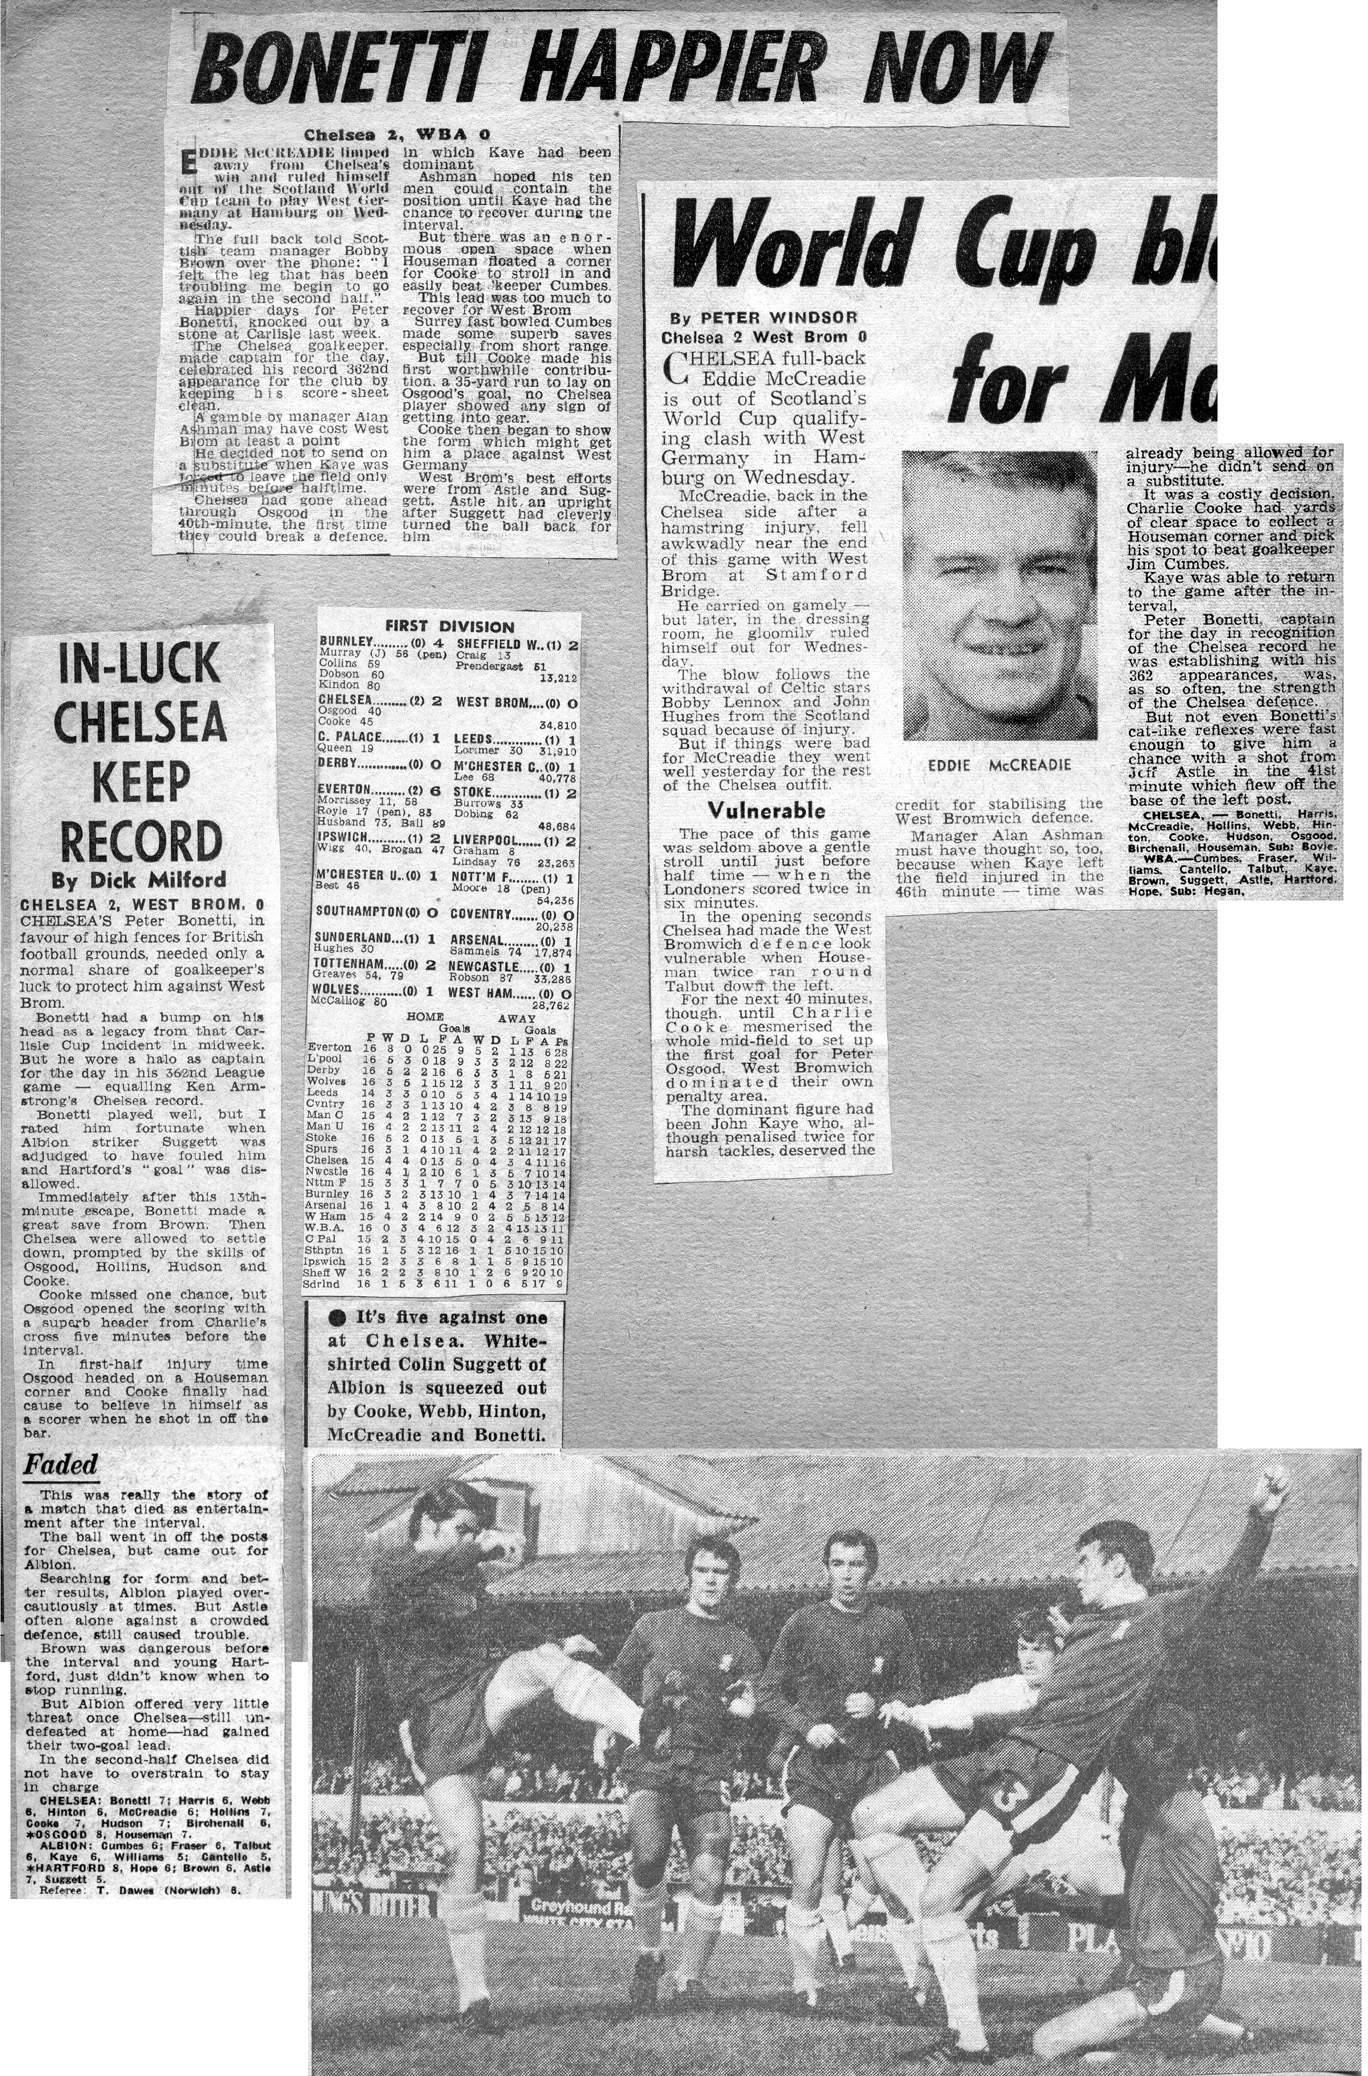 19691018.jpg